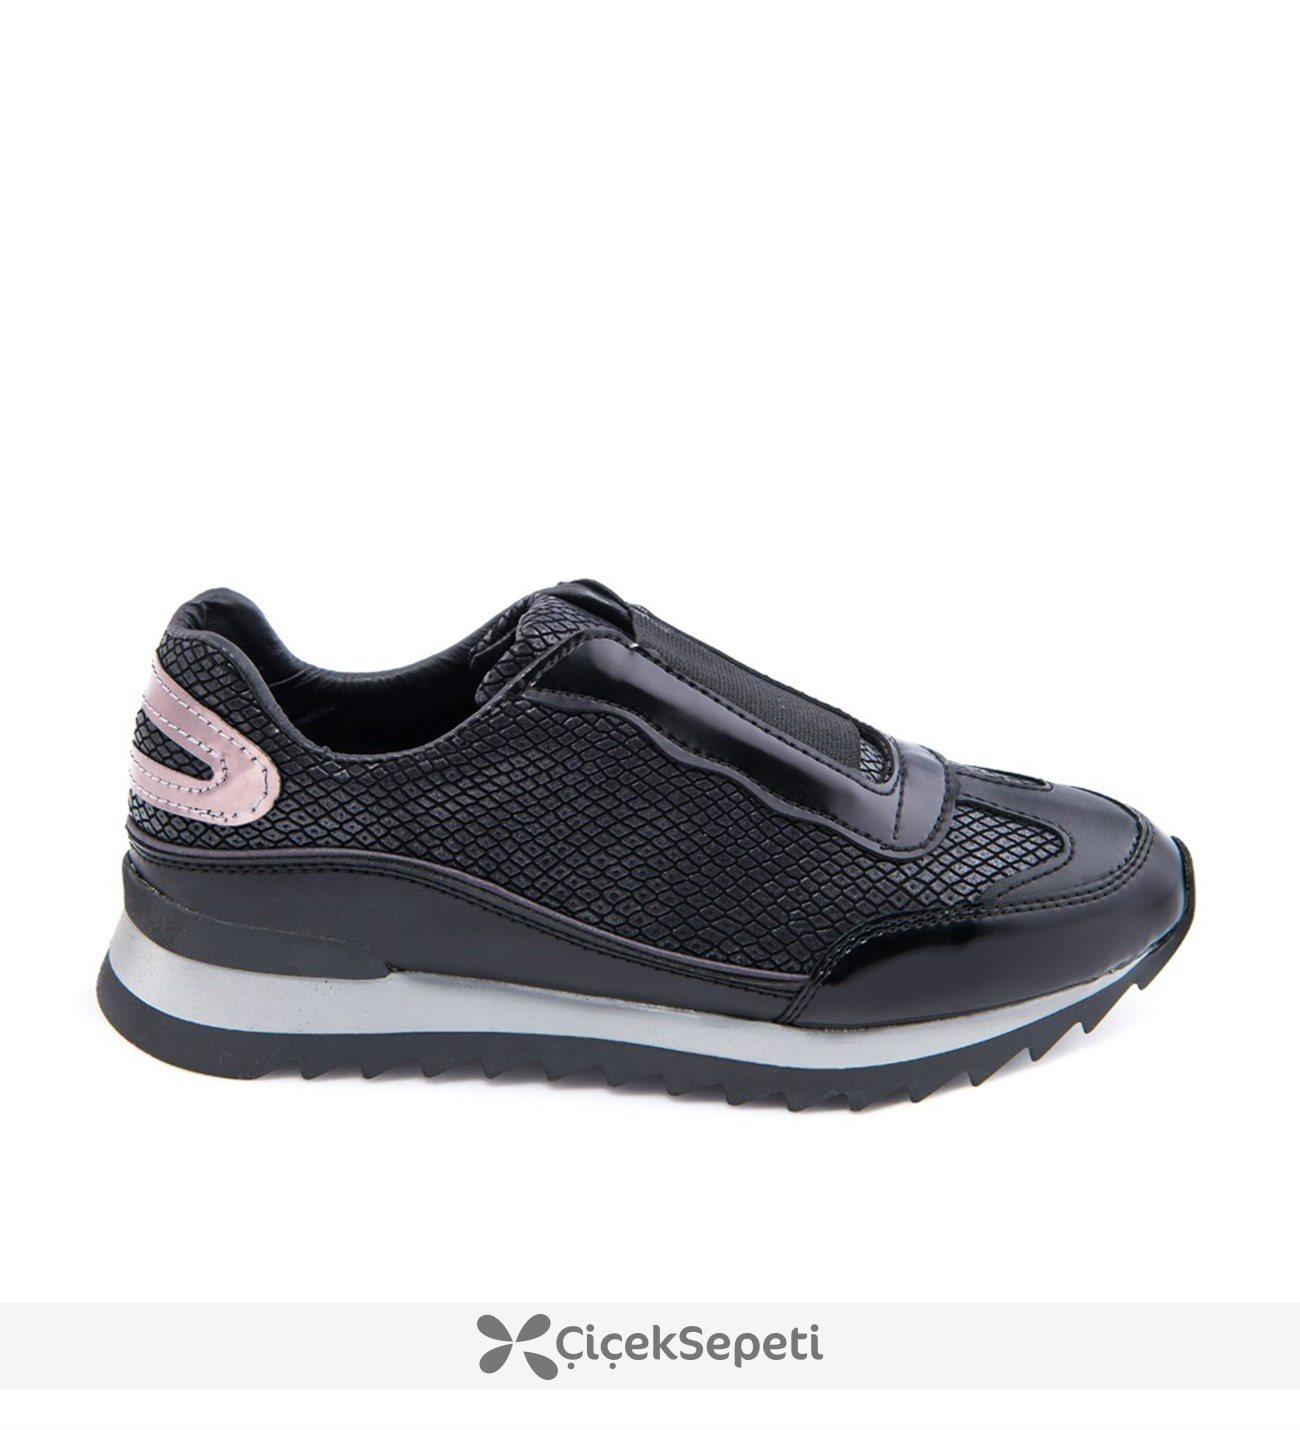 Siyah Lastikli Rahat Bayan Spor Sneaker Ayakkabı 959